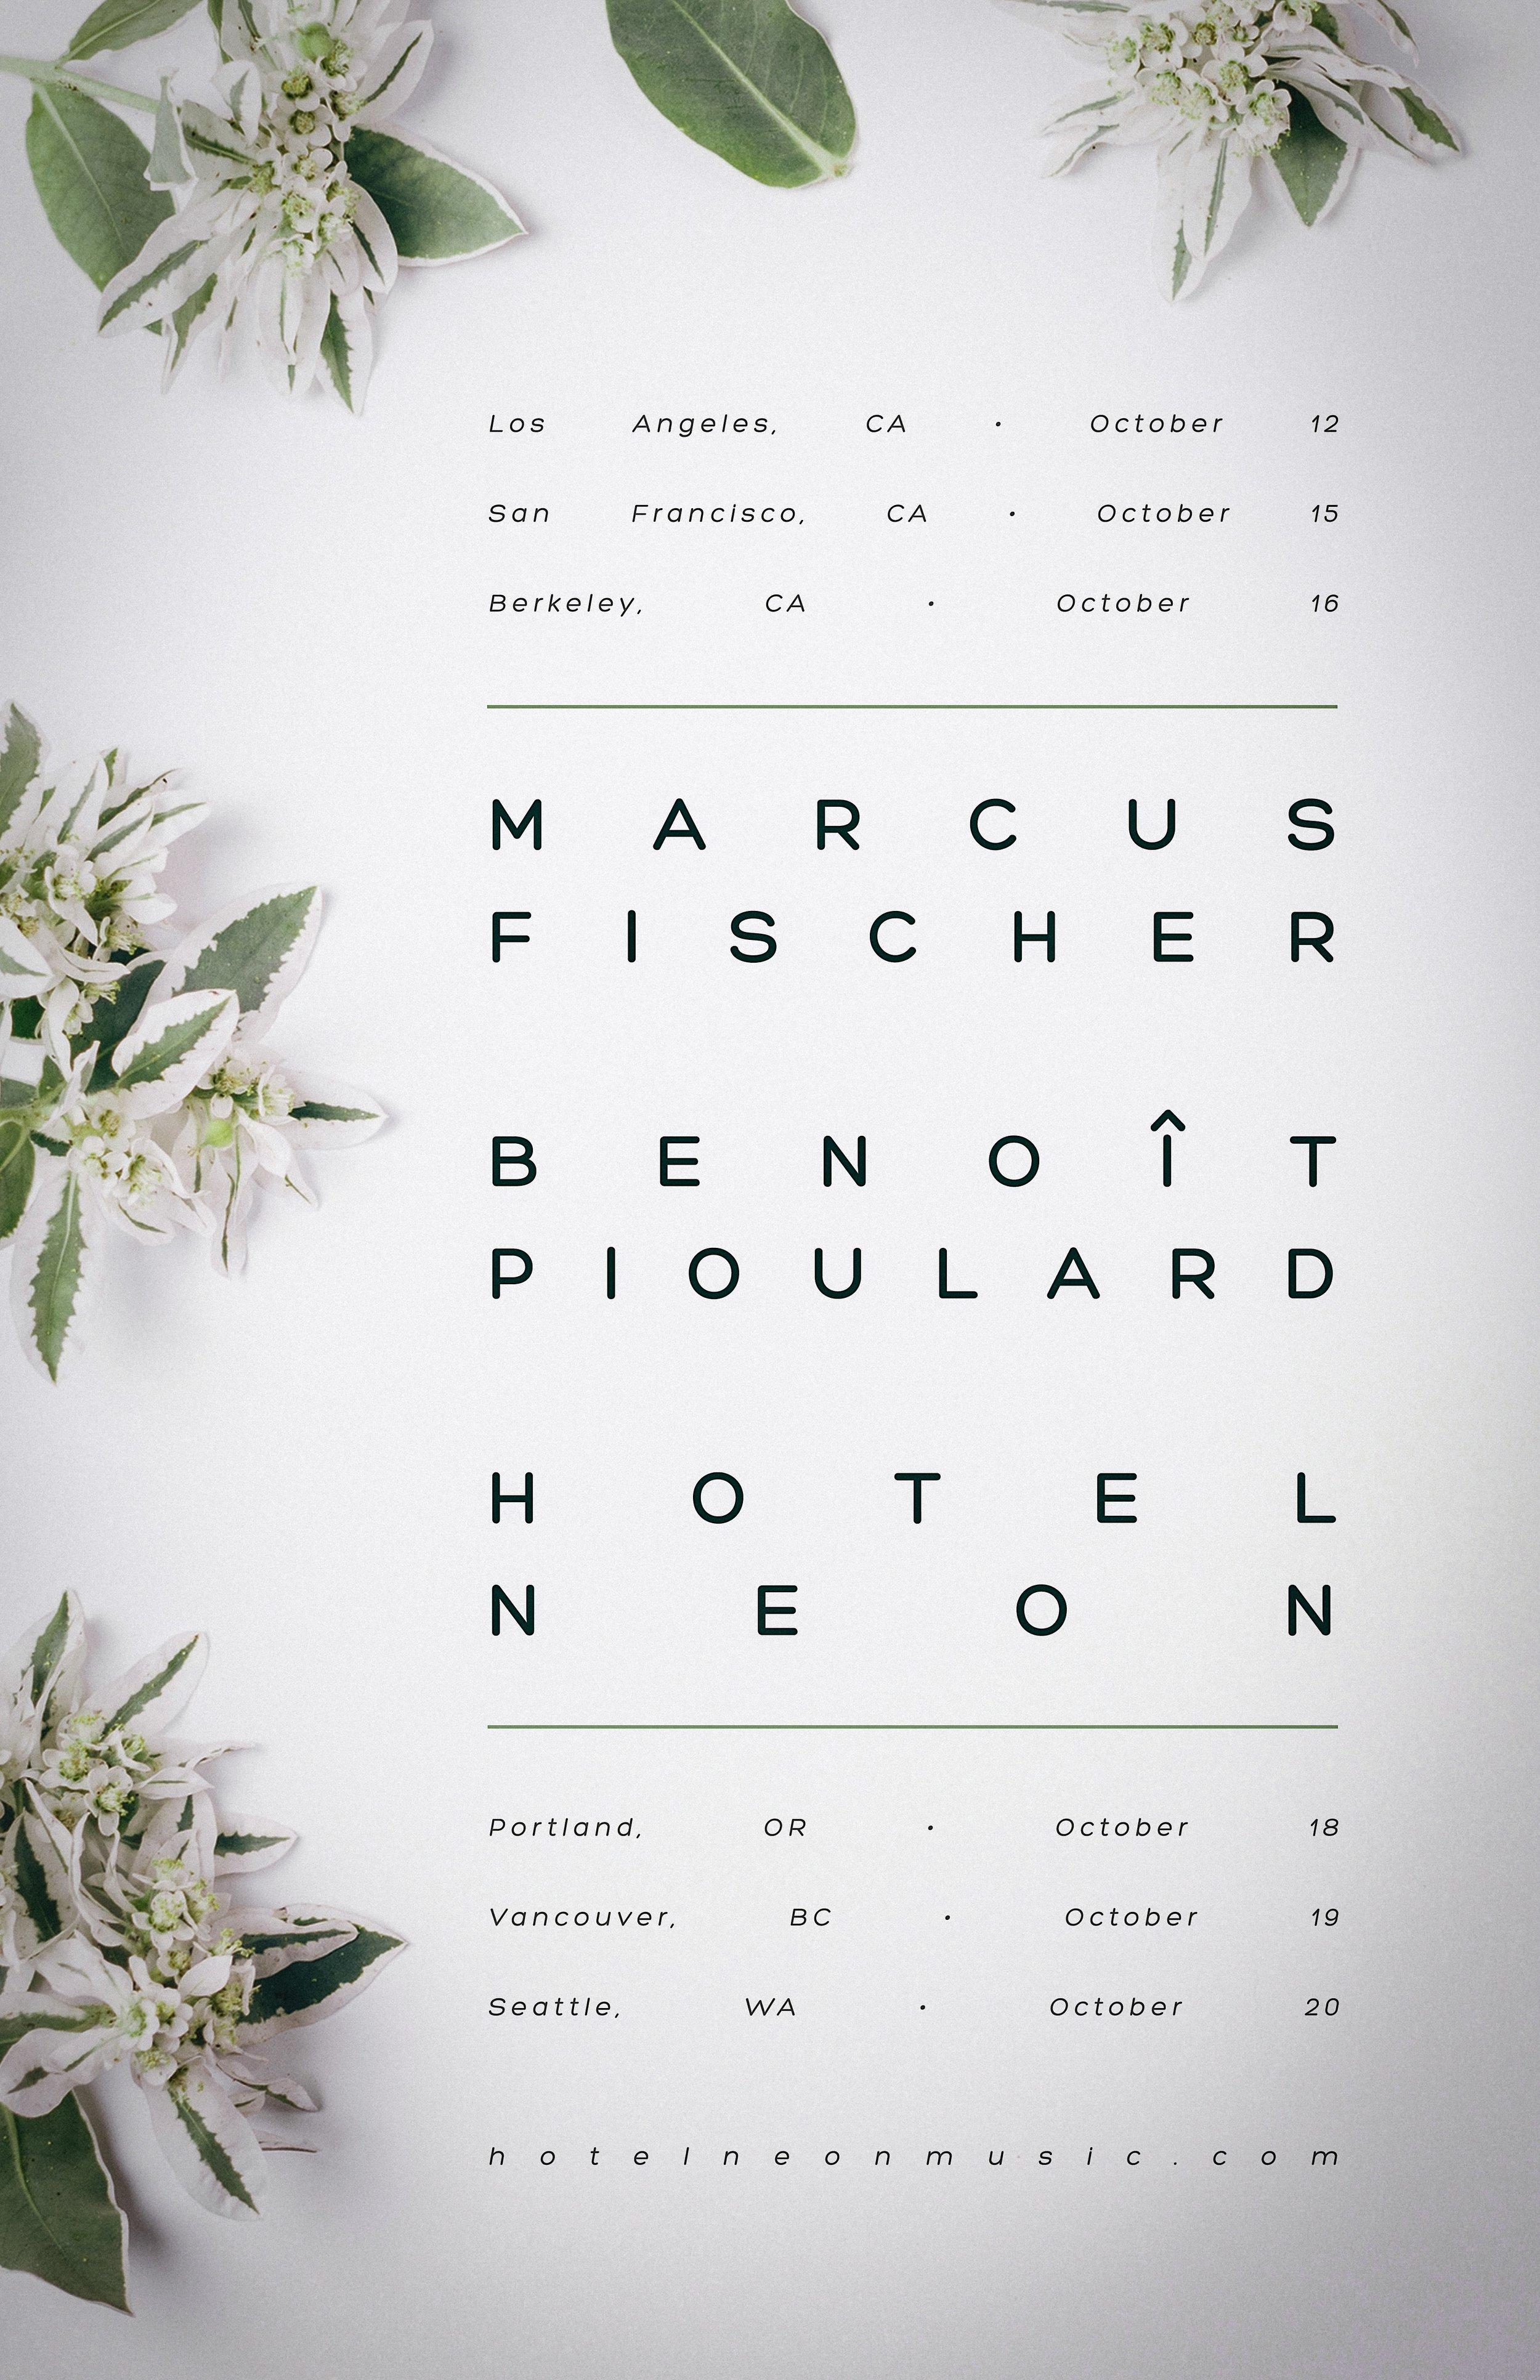 Fischer_Pioulard_Neon_Tour_18.JPG